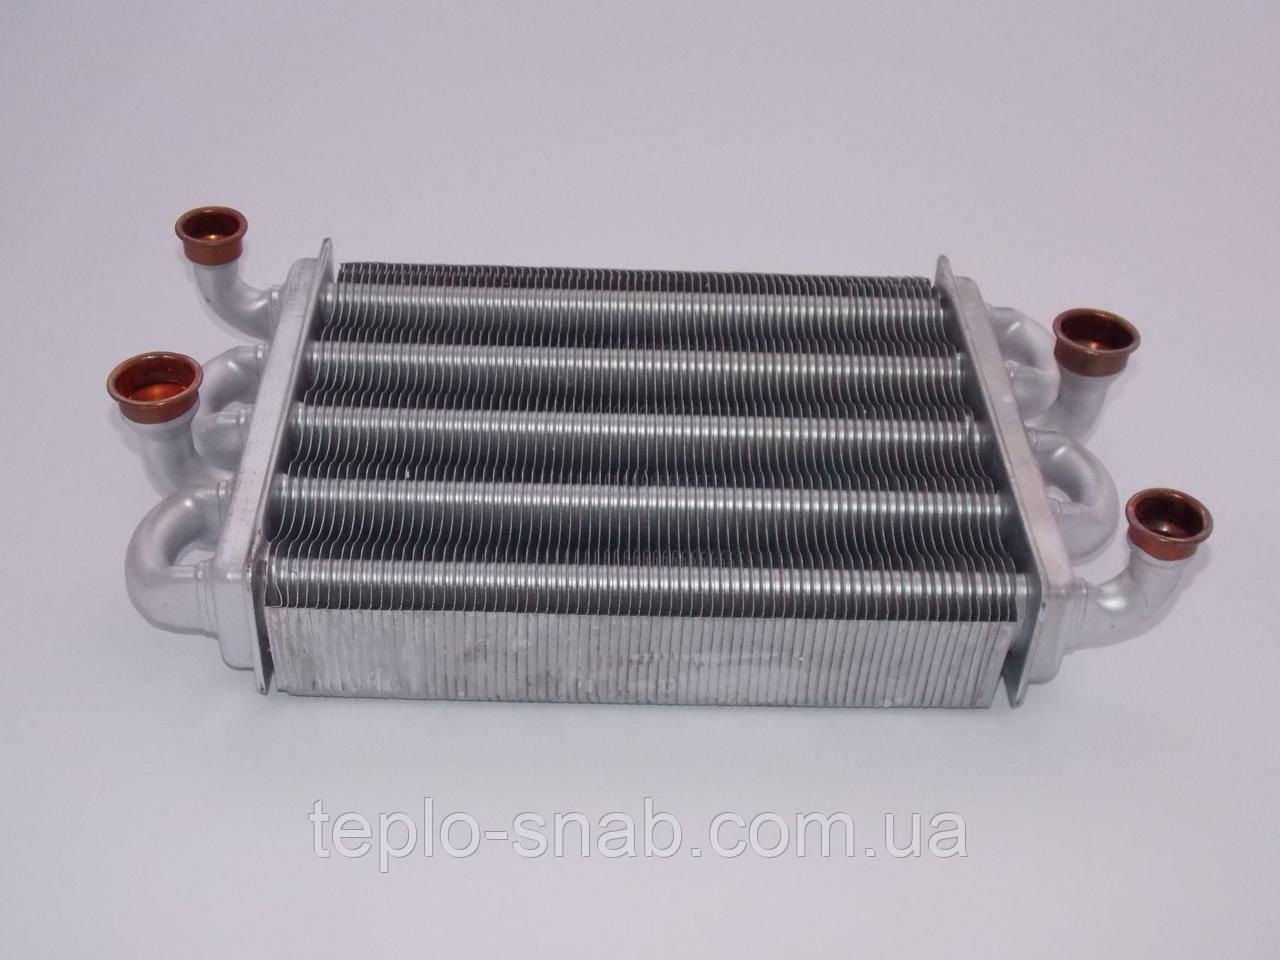 Бітермічний теплообмінник Demrad Nepto HKT 2, 20-24 кВт. 3003202564, D003202564